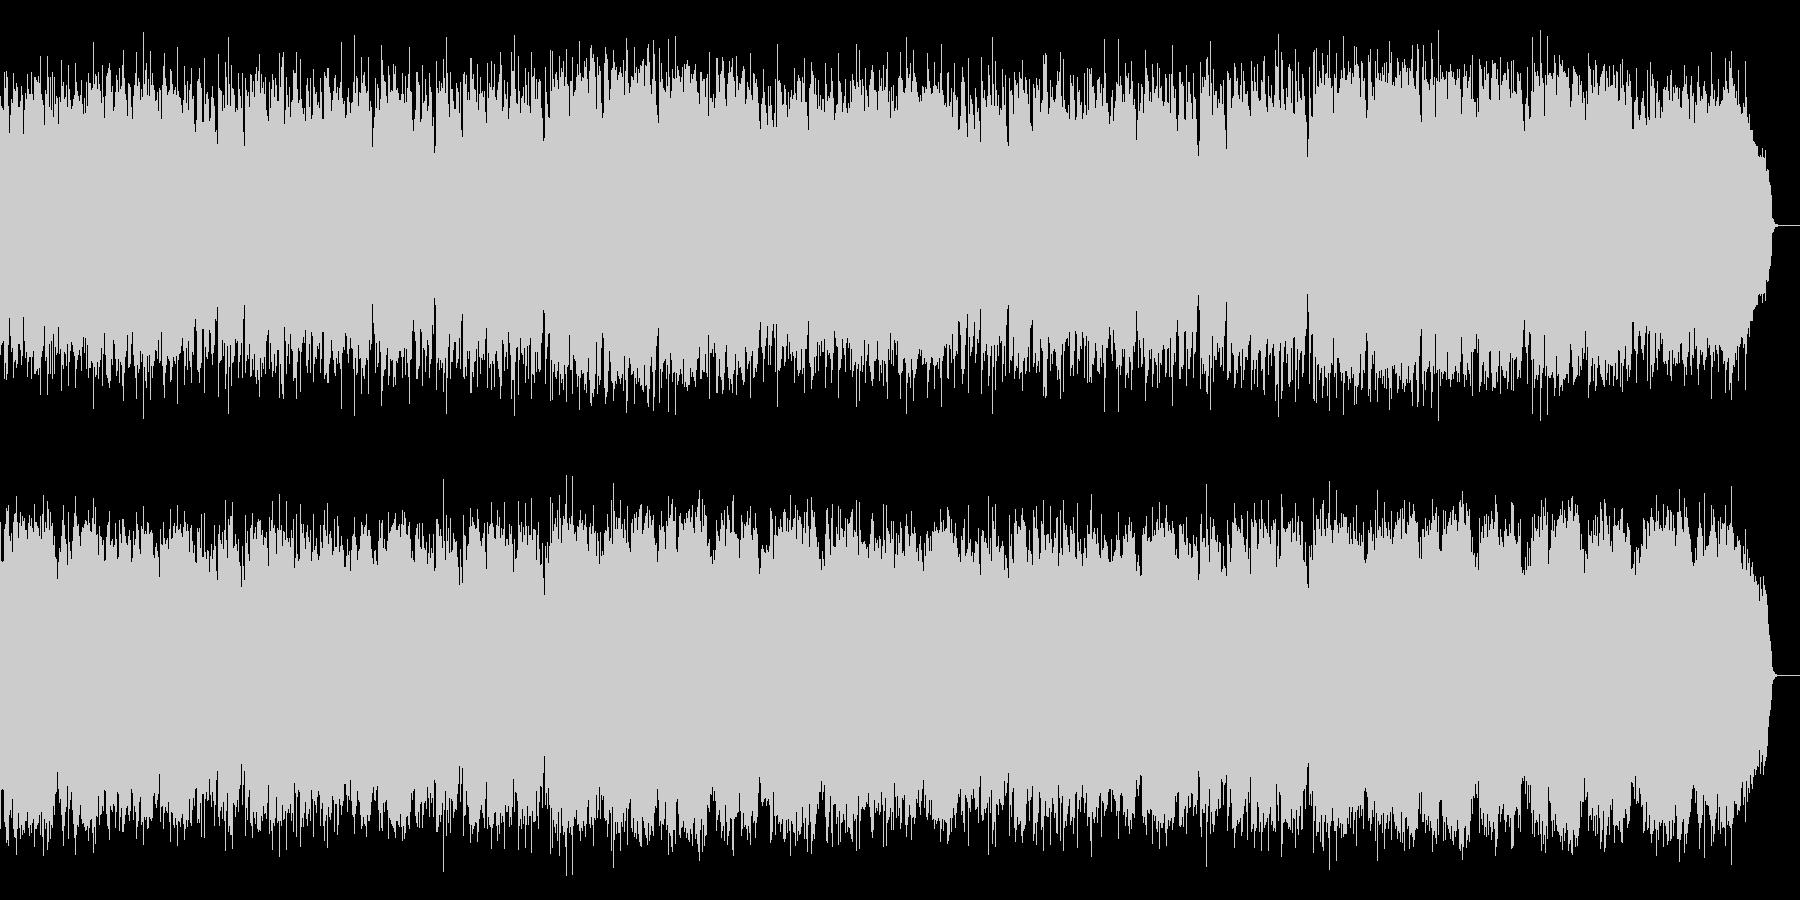 ロカバラのサビがジャズ風で明るいポップスの未再生の波形